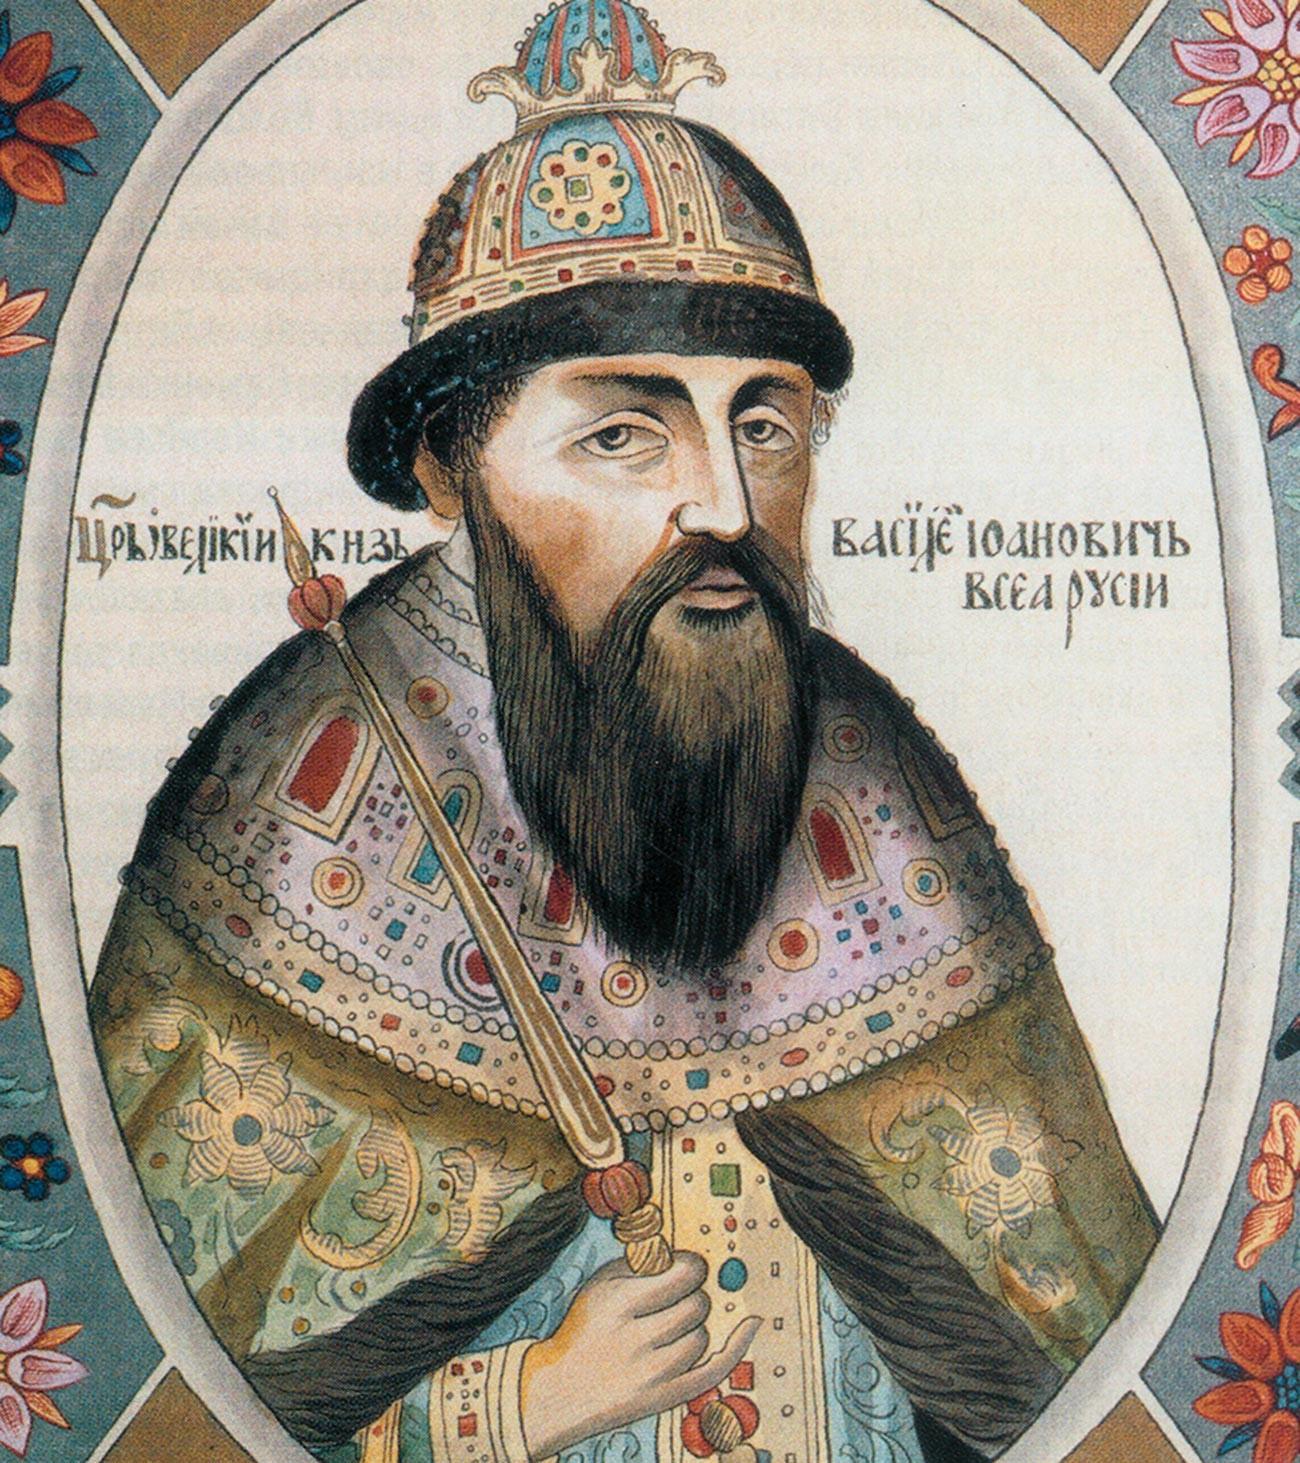 Vasiliy IV Shuisky